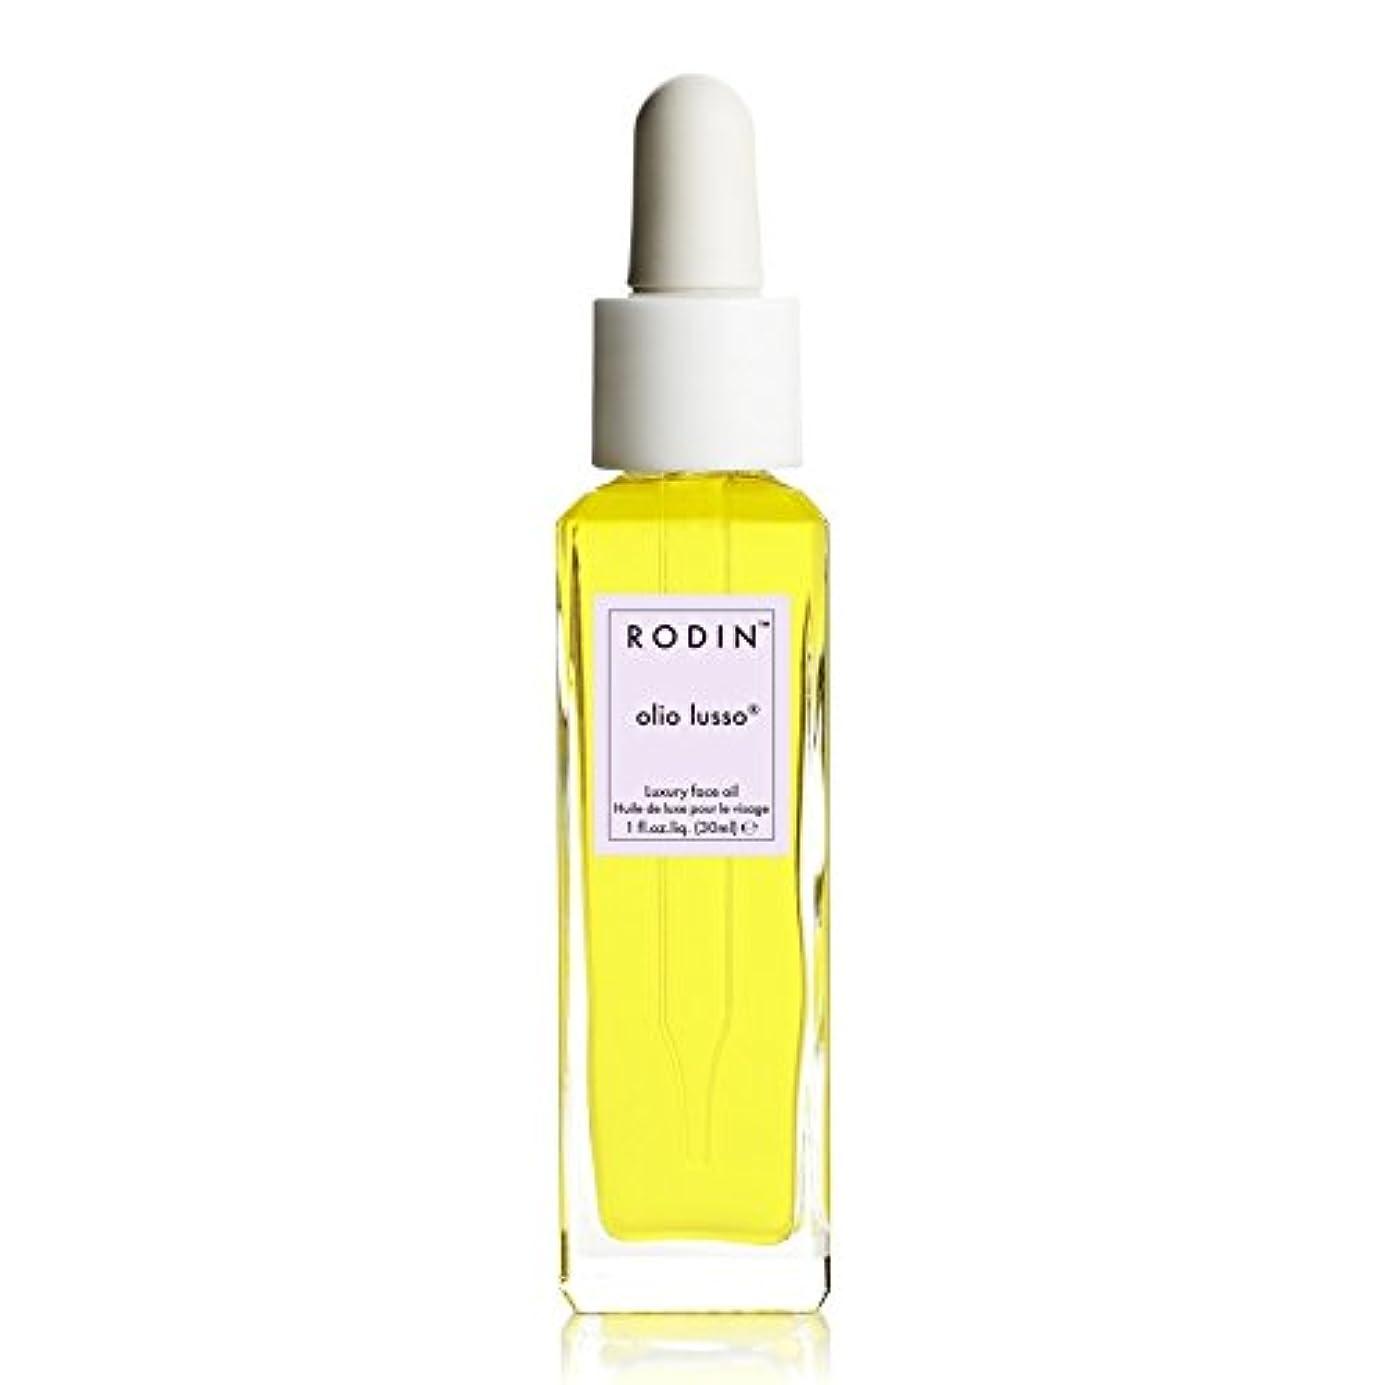 肝緑大胆不敵ロダンルッソラベンダー絶対贅沢な顔オイル30ミリリットル x2 - RODIN olio lusso Lavender Absolute Luxury Face Oil 30ml (Pack of 2) [並行輸入品]